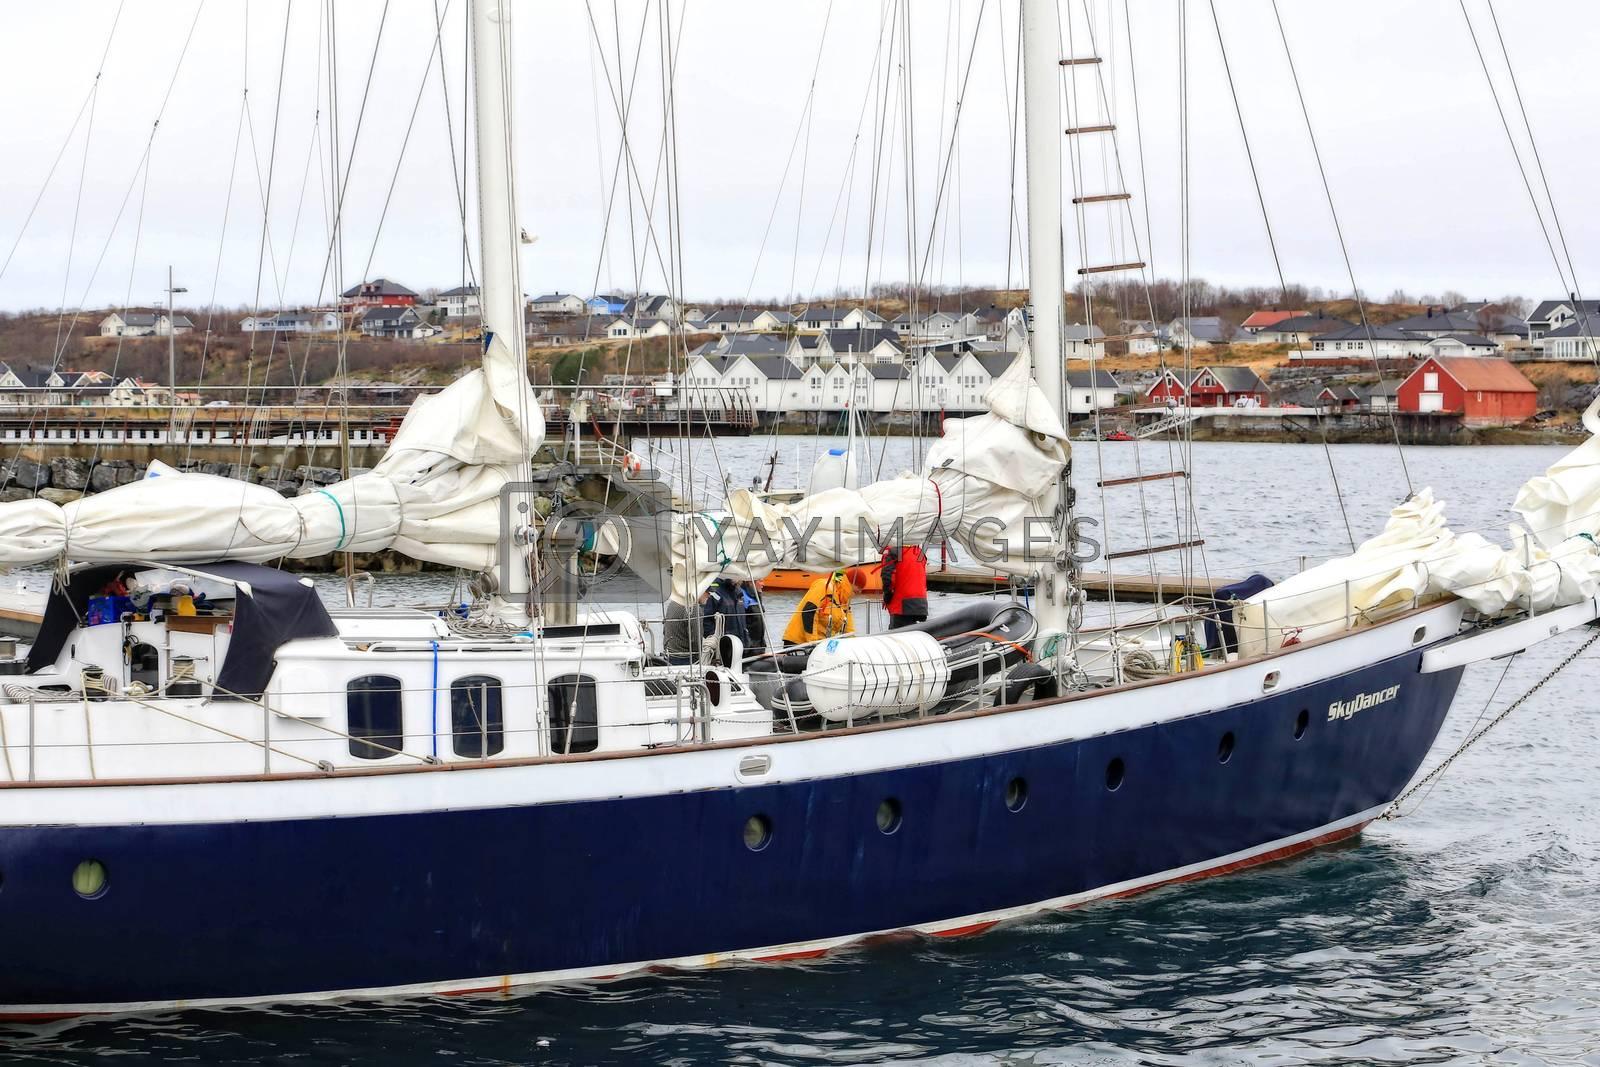 SkyDancer av Longyearbyen er en 73 fot stål og alu skonnert bygd i Danmark og ferdigstilt i 2007. Hun er fullt utstyrt for å seile i høye breddegrader farvann. Hun er is klassifisert og klar til å gå hvor som helst.